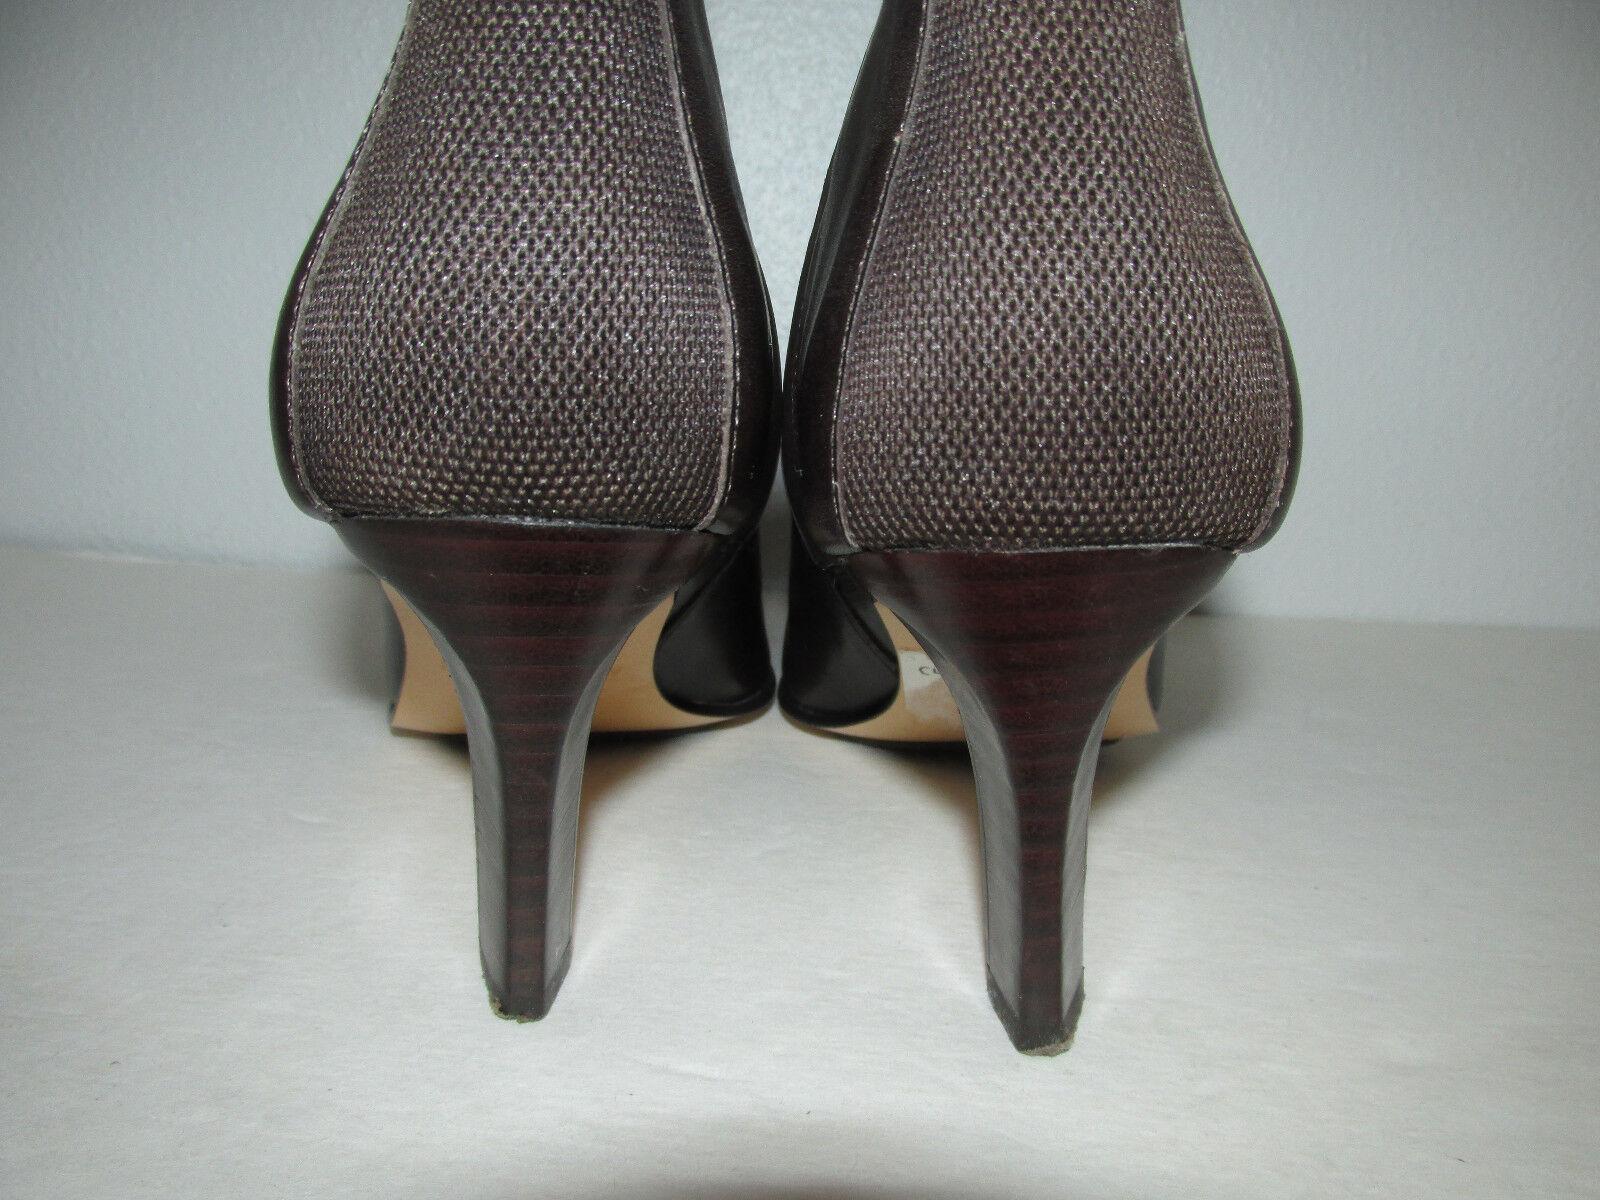 New Anne Klein Leder Amber Stiefel Größe 6 Braun Leder Klein Pointy Toe d9b943